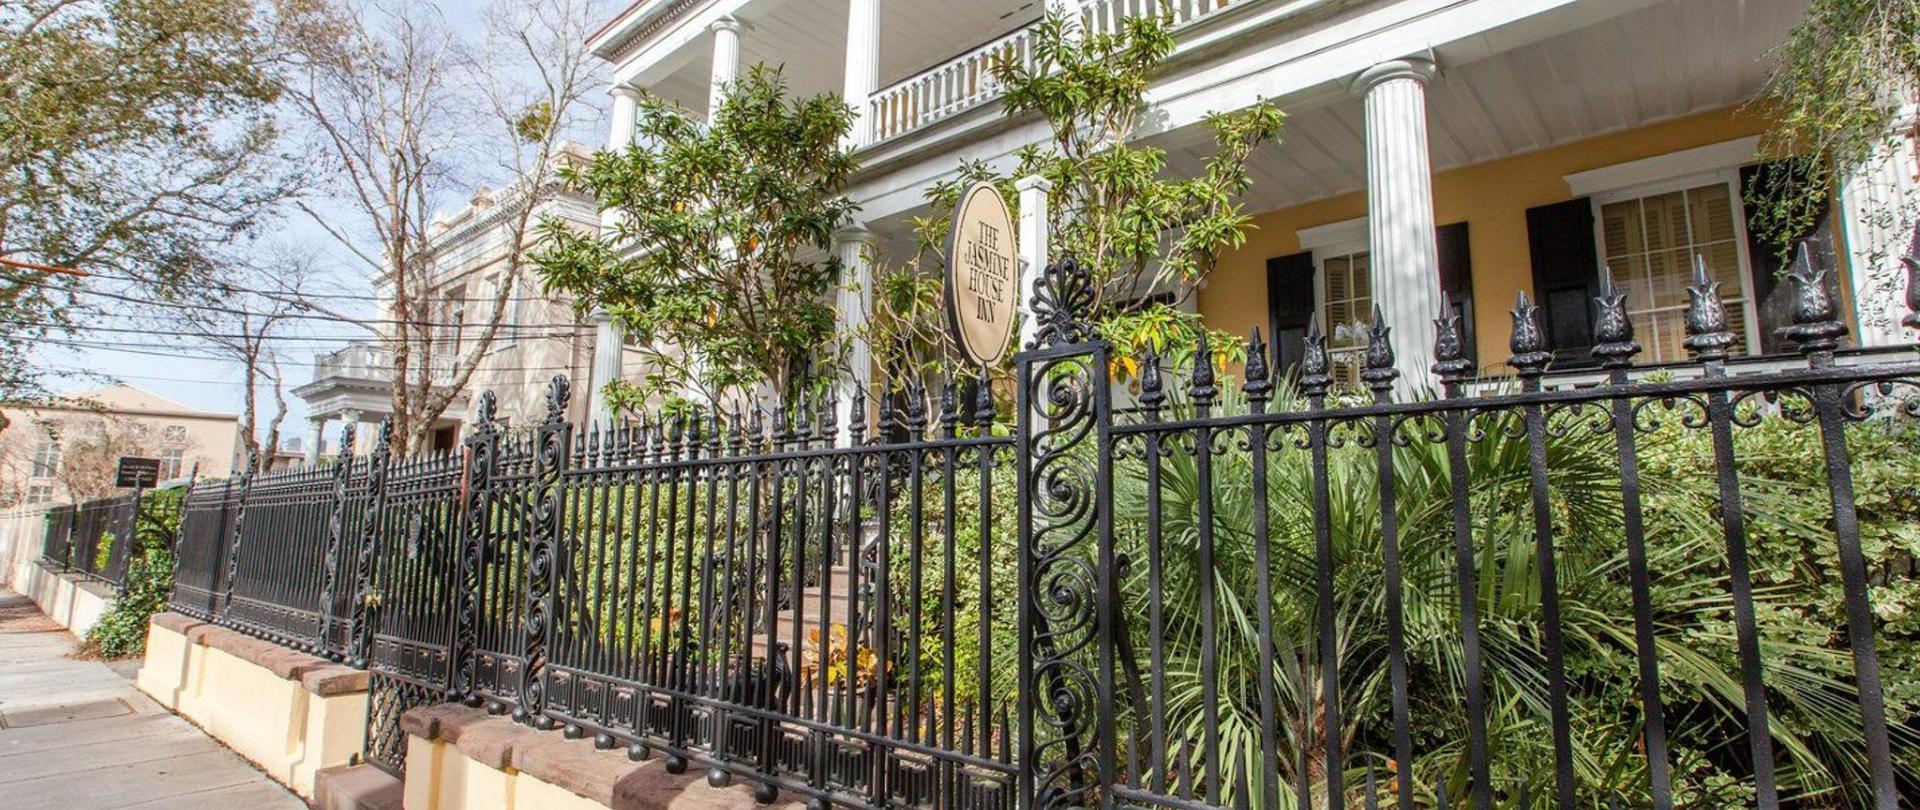 The Jasmine House